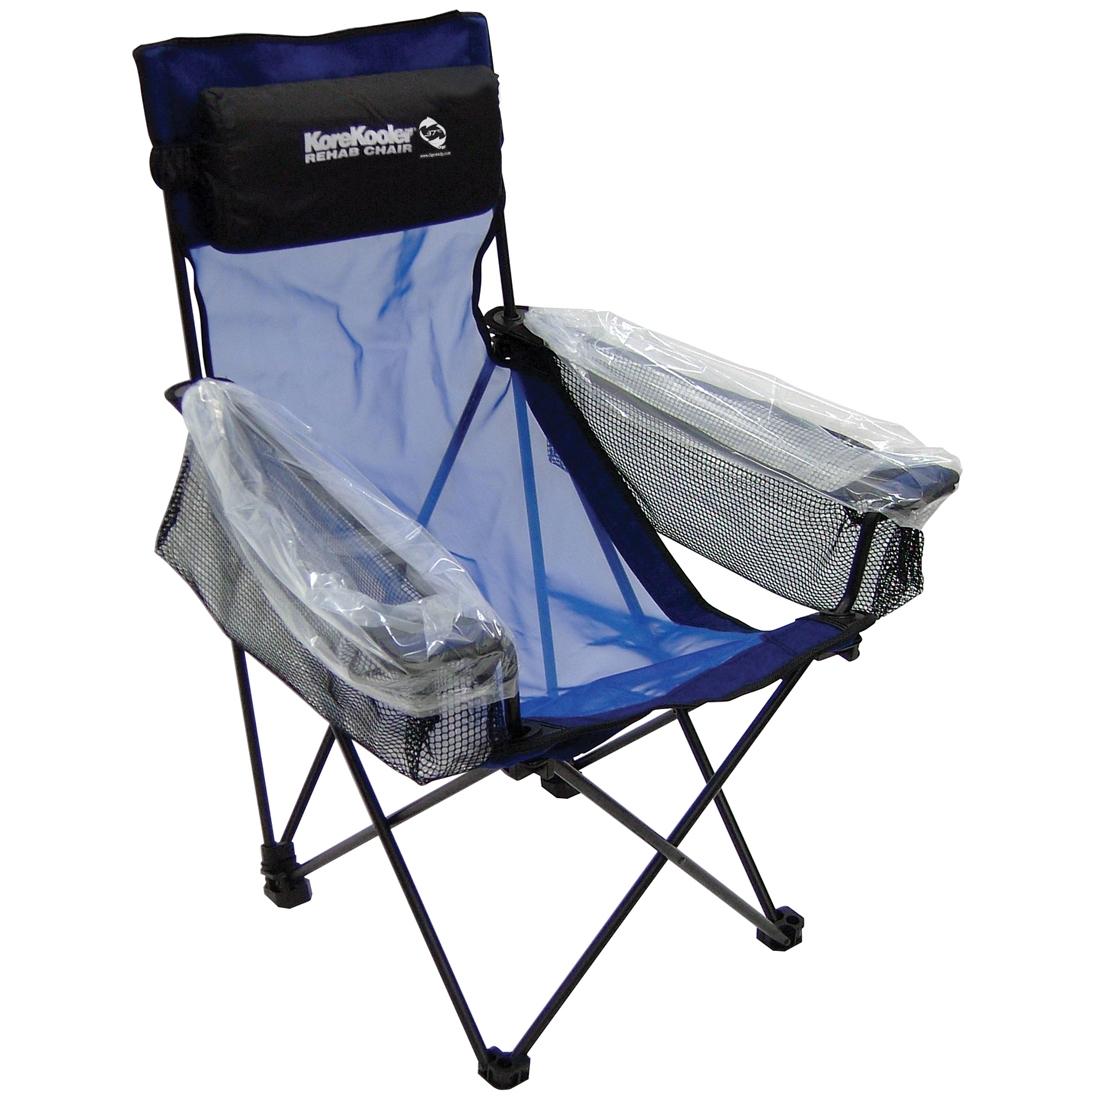 Kore Kooler Chair for heat stress relief image